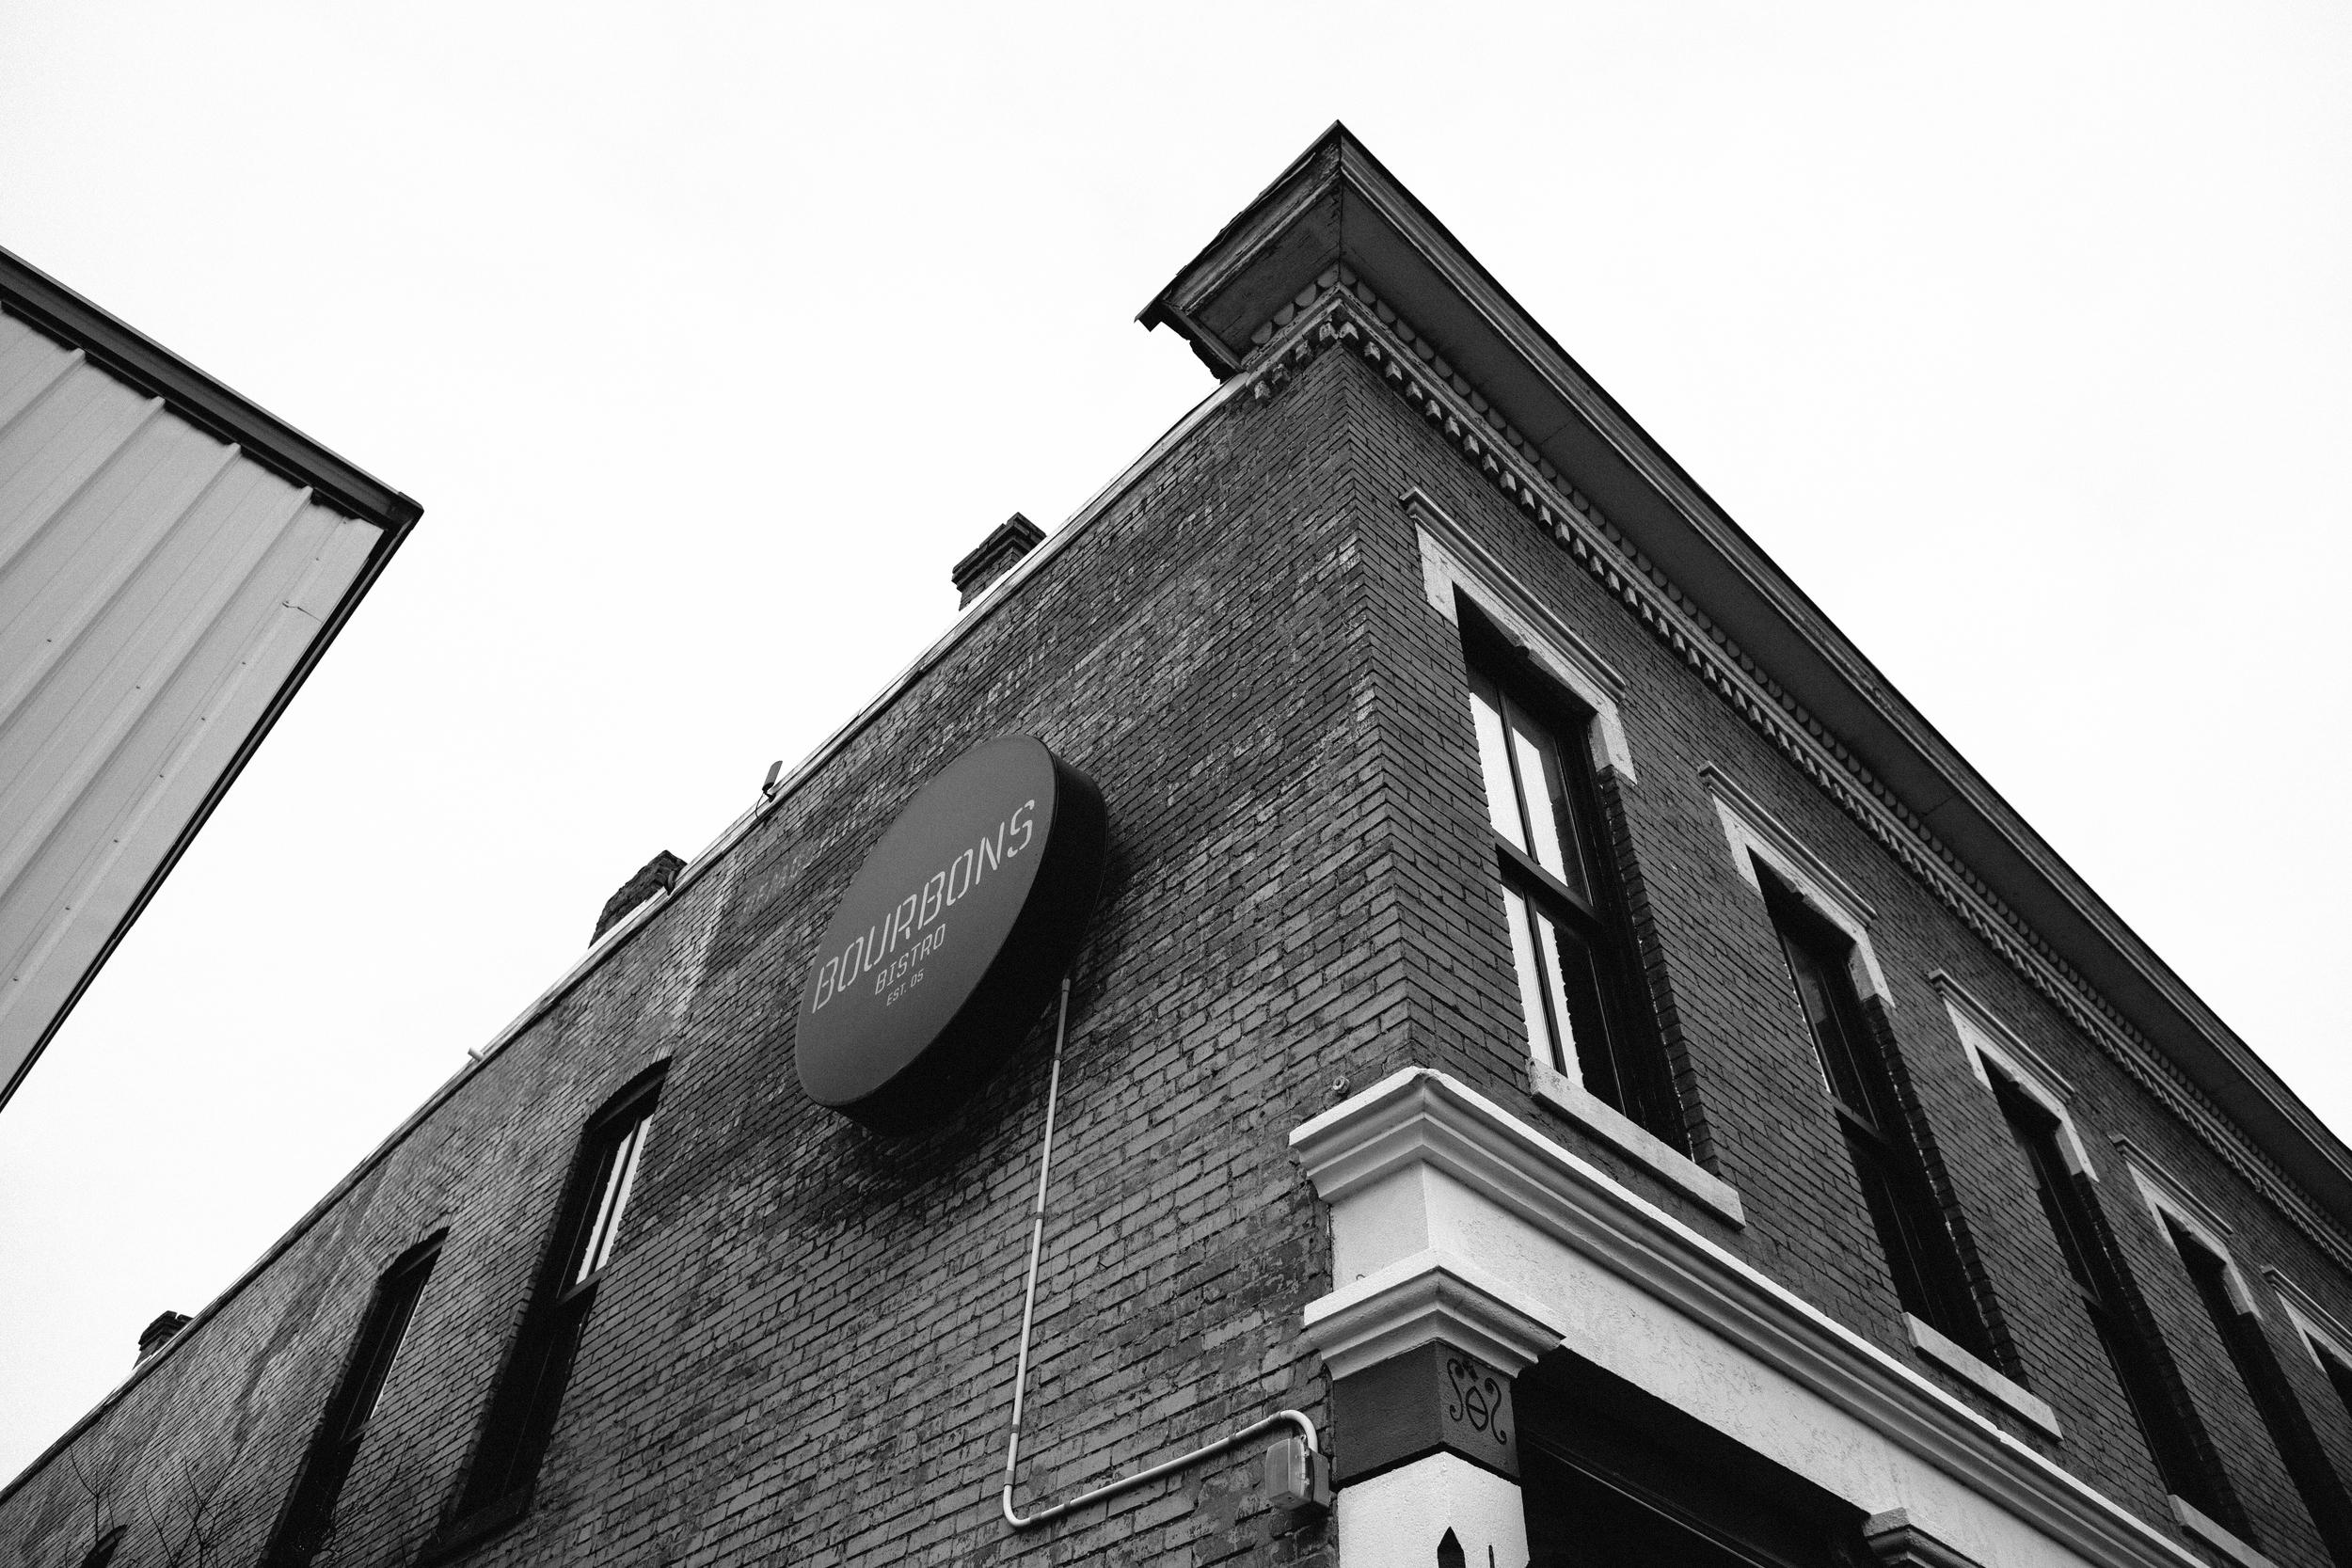 20131202_bourbons_bistro-003.jpg